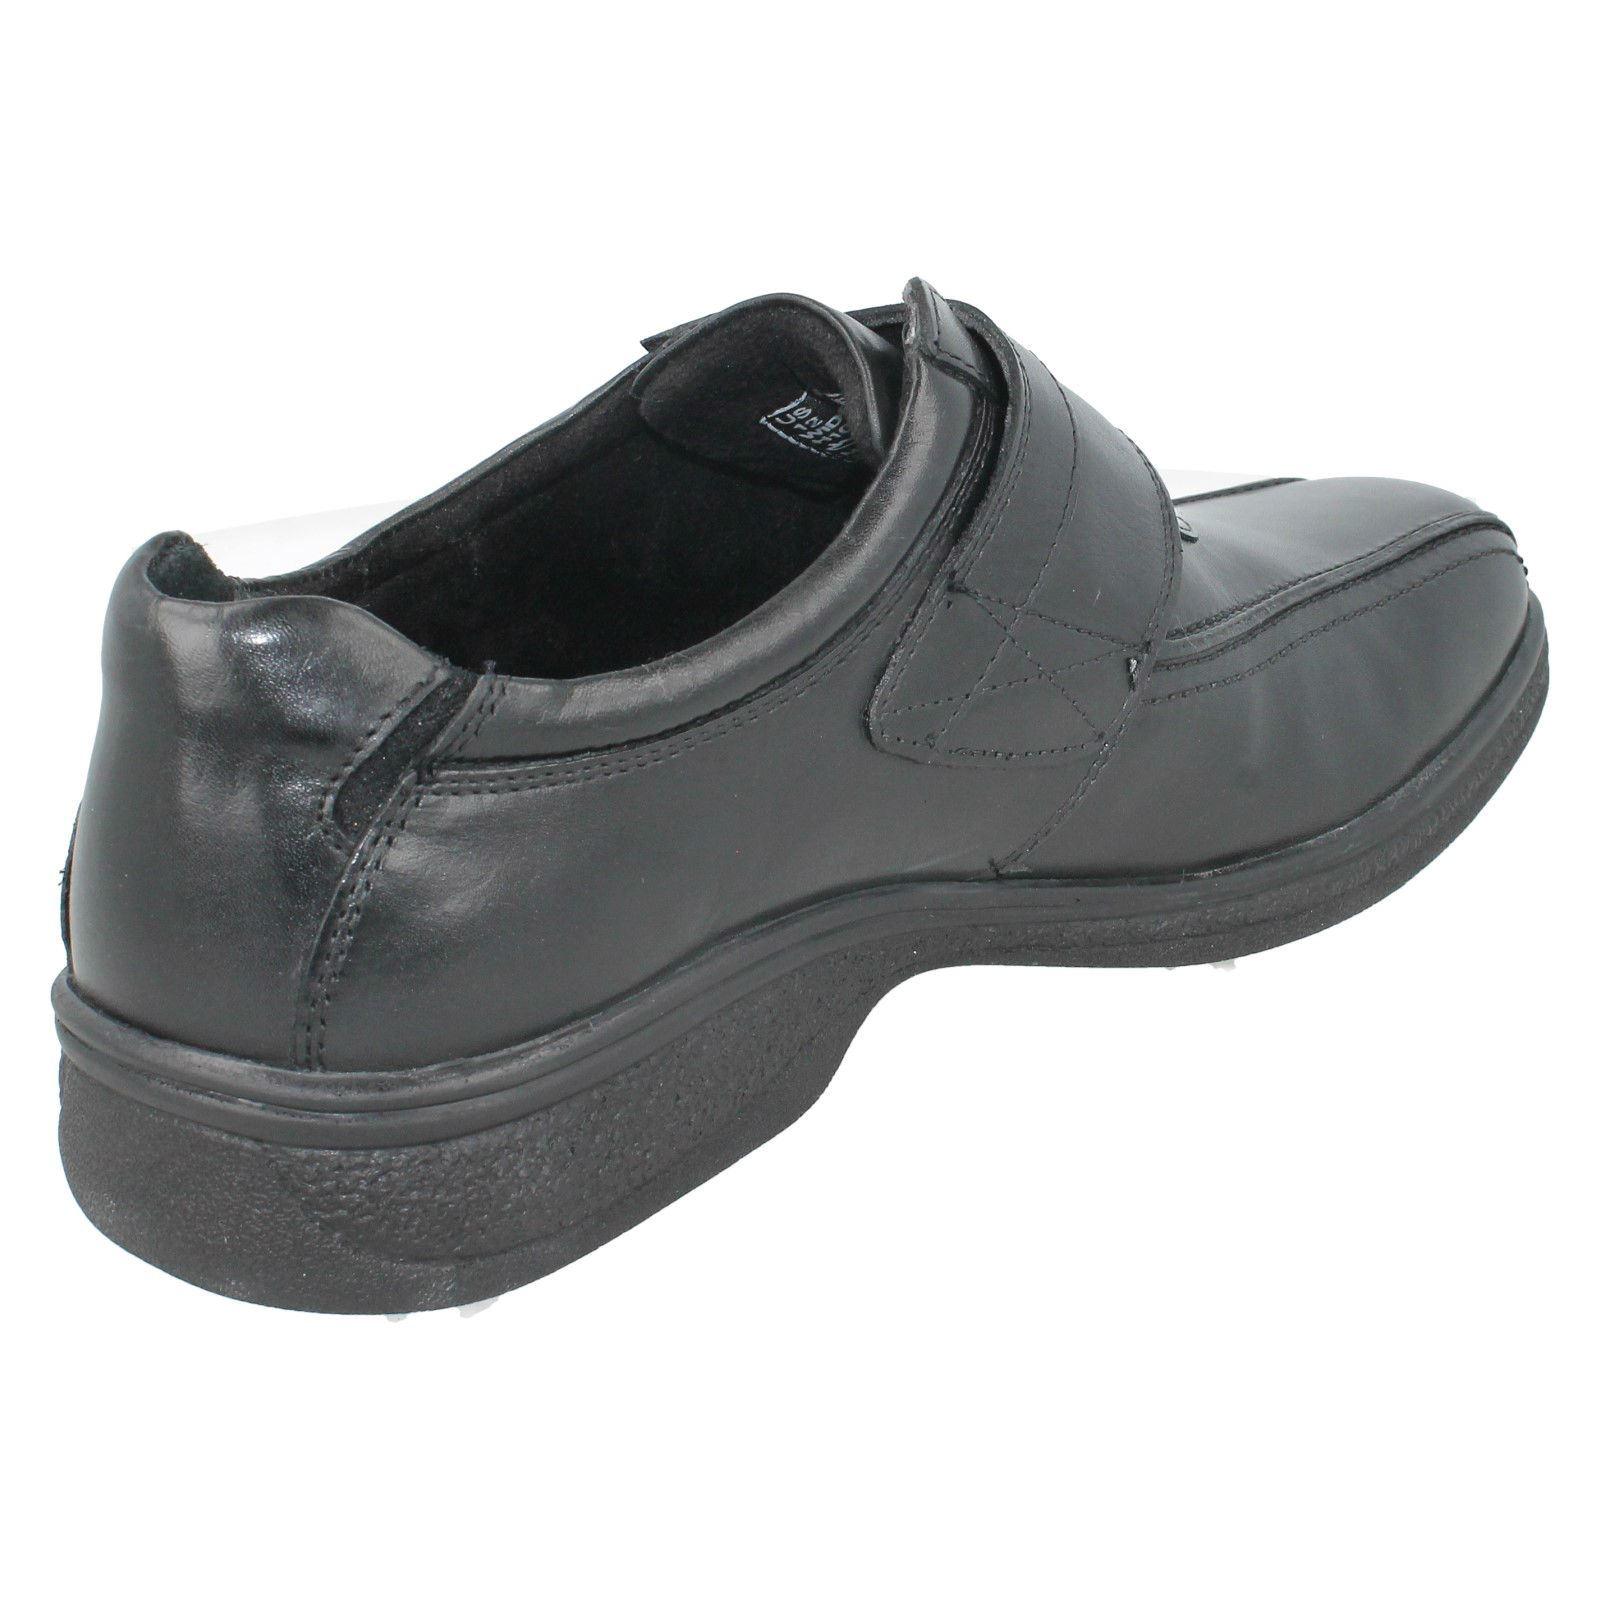 Herren Style Hush Puppies Schuhe The Style Herren -bourton Idee 859b41